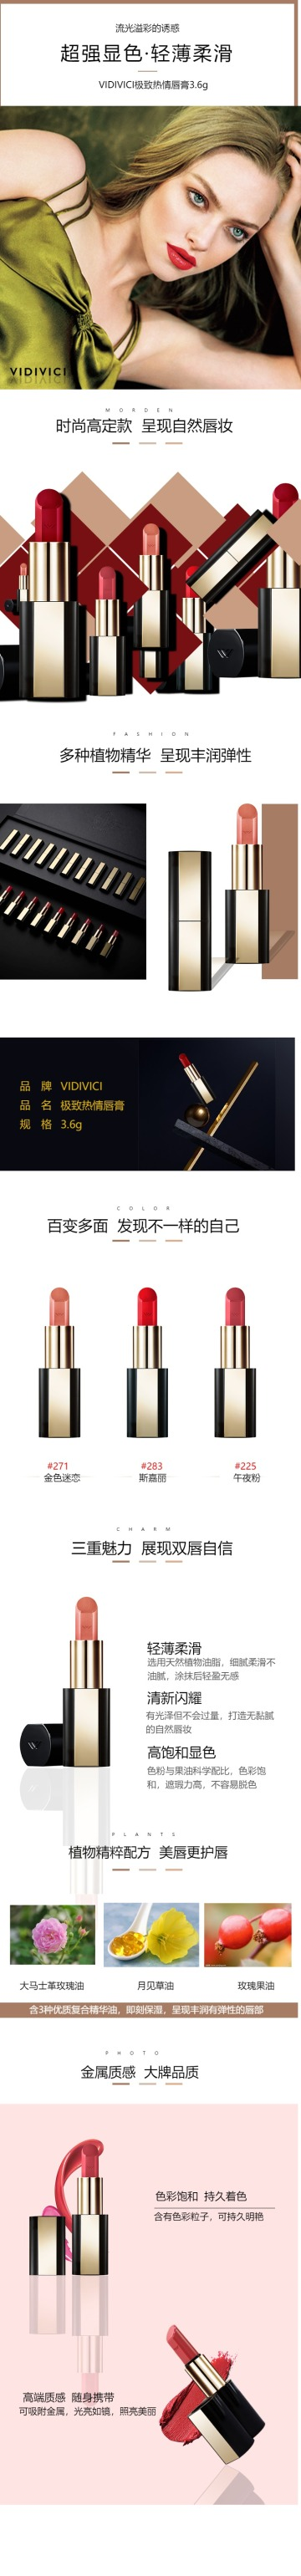 时尚高端美妆口红电商商品详情图